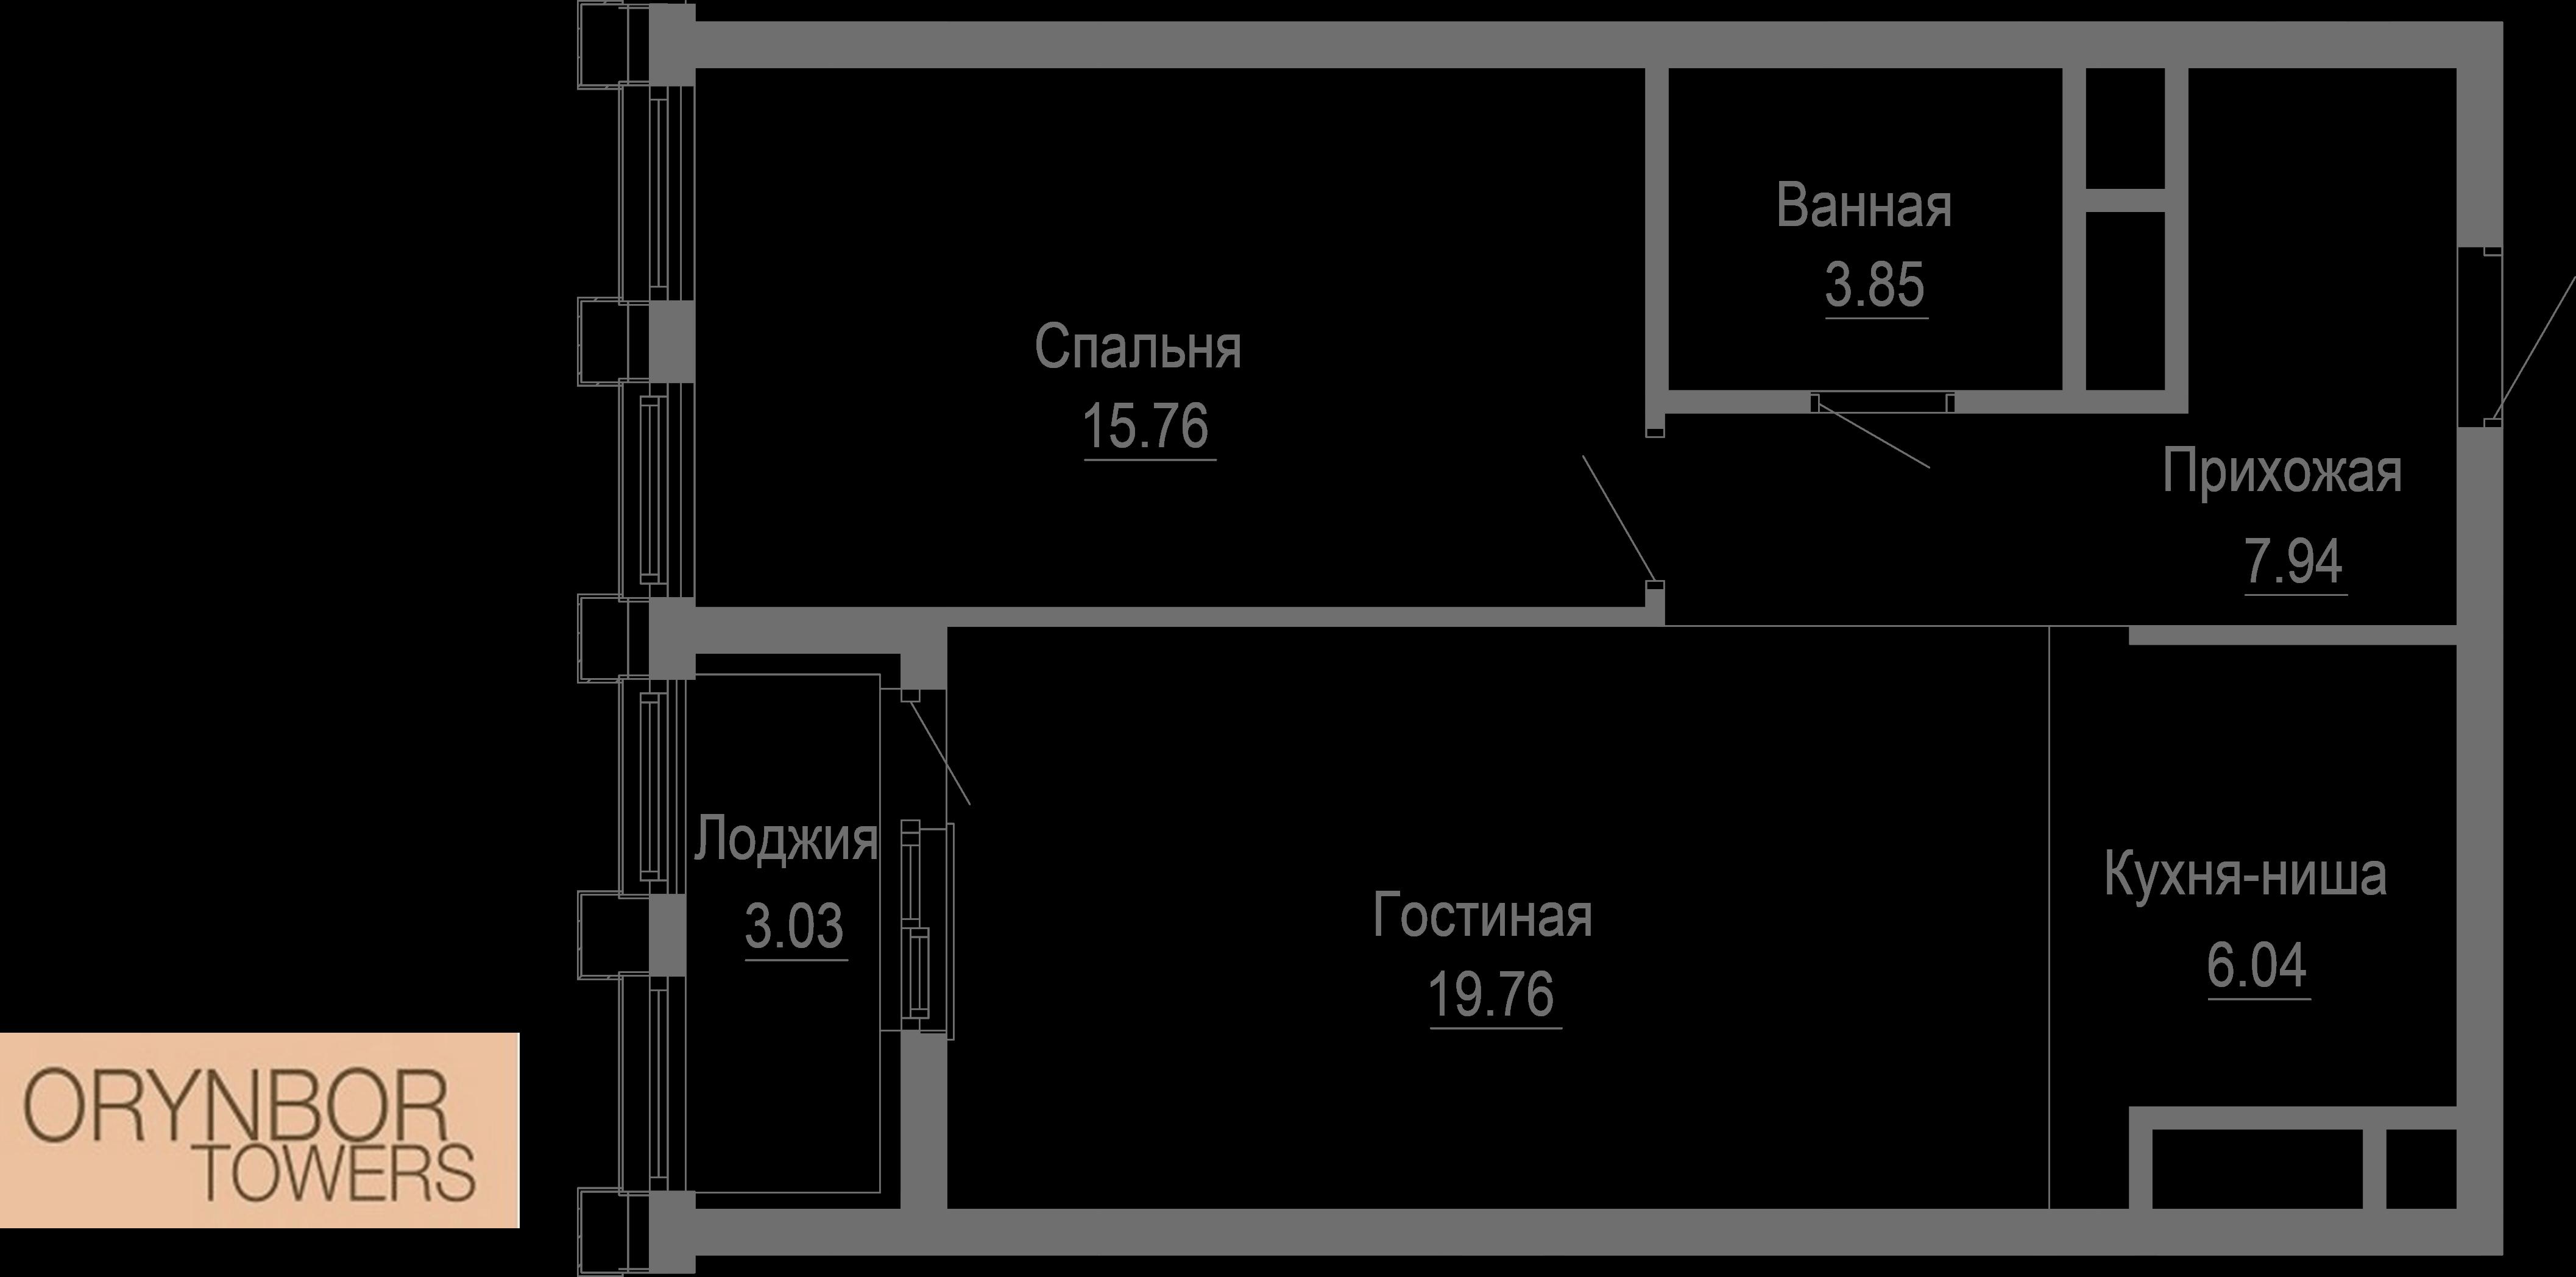 Блок 1-2, Пәтер 51